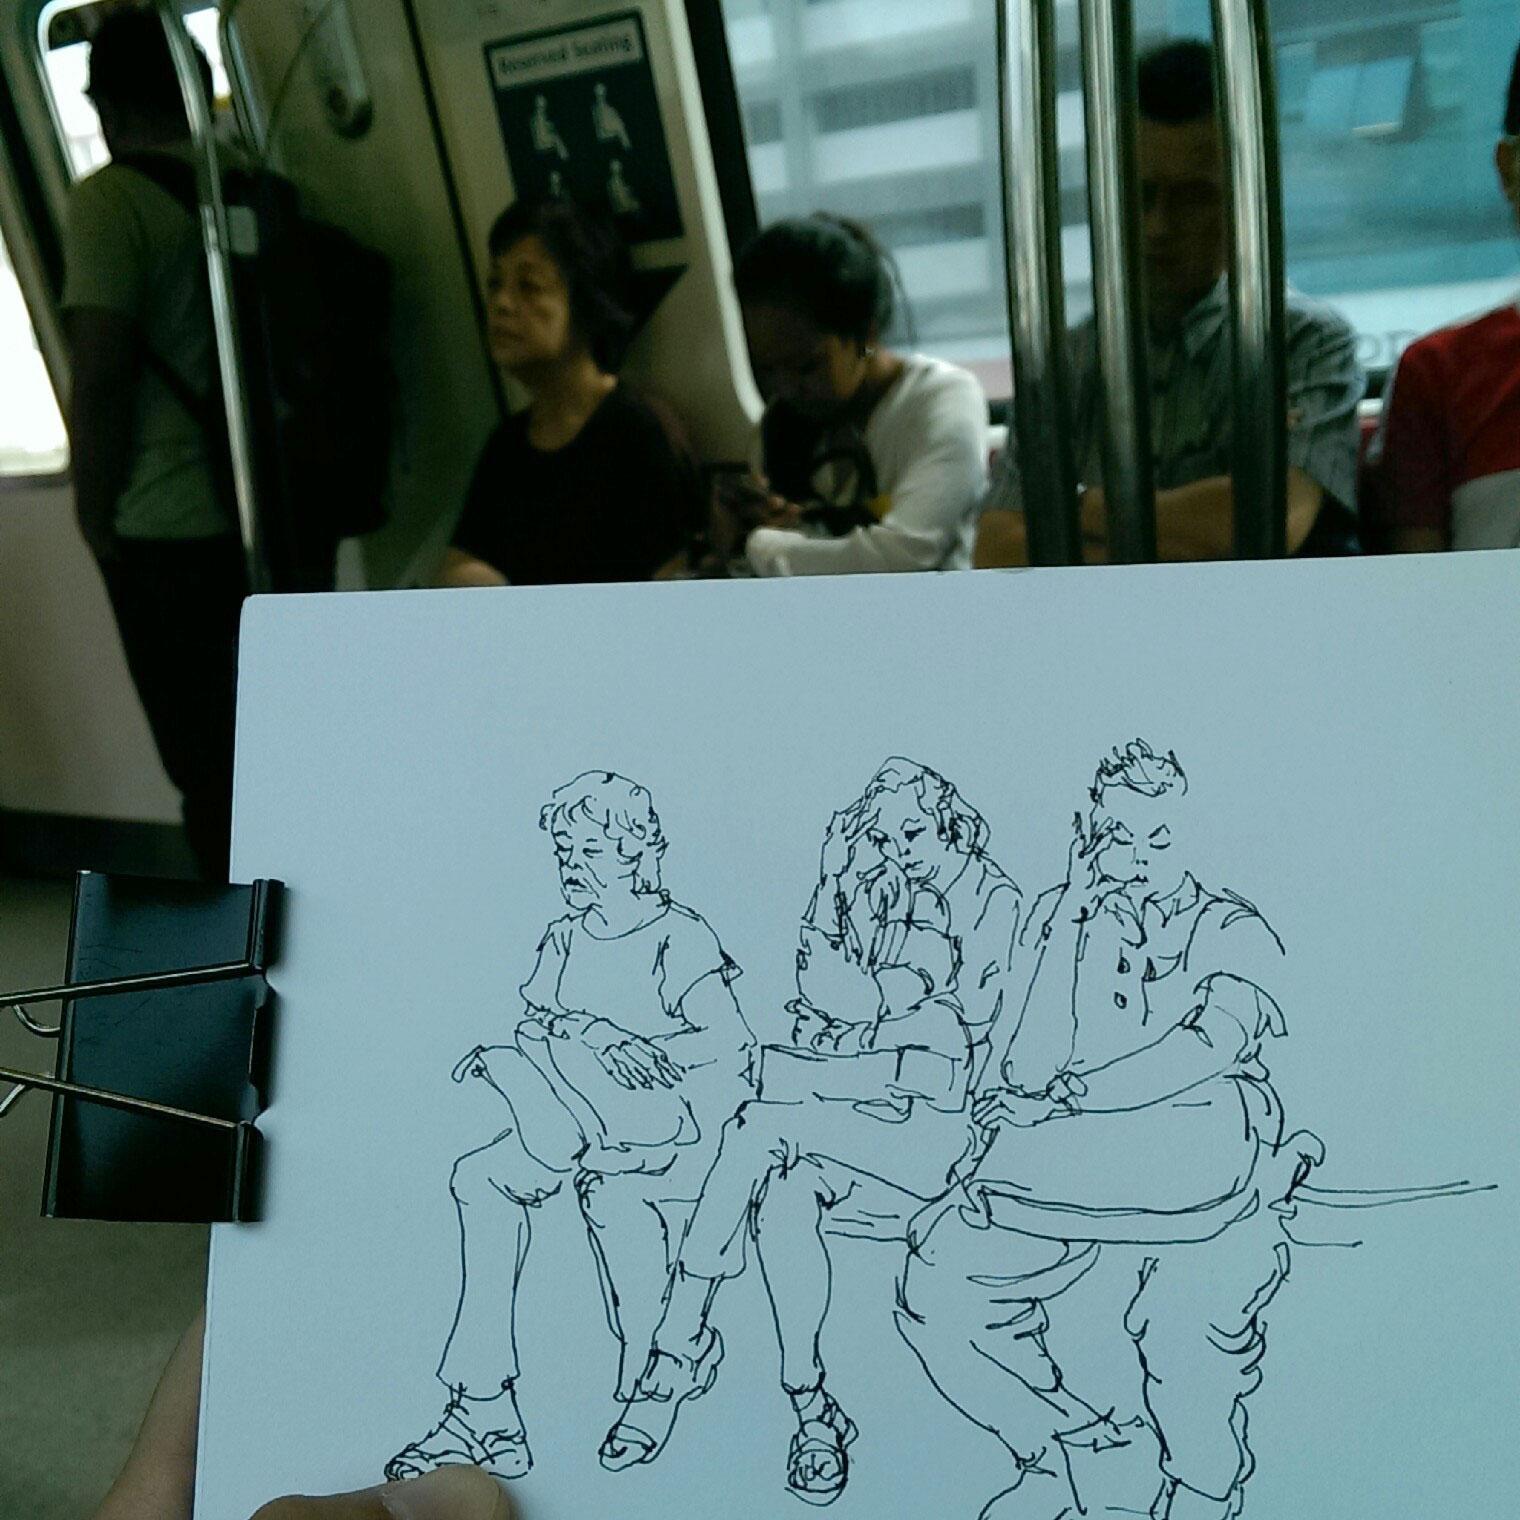 Singaporean commuters